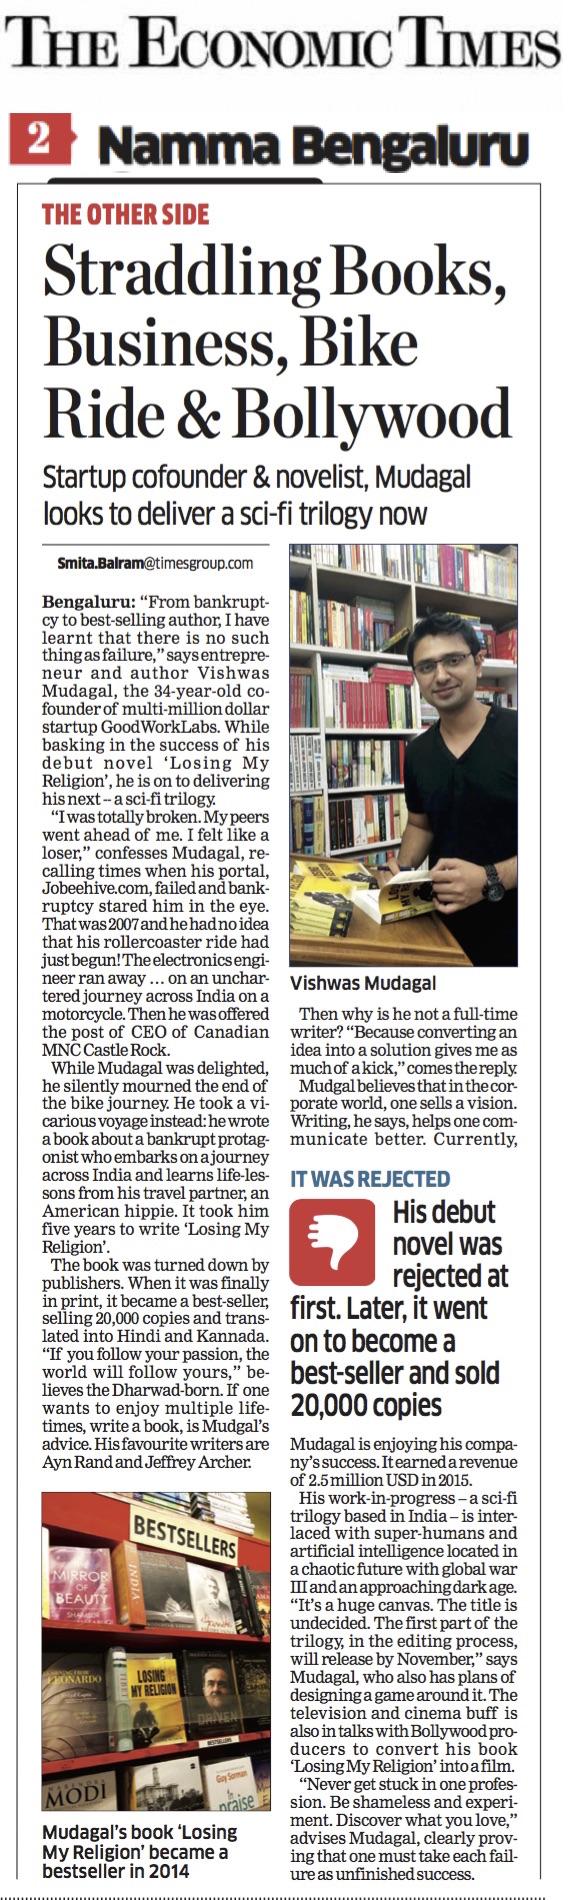 economic-times-vishwasmudagal-best-selling-author-2016